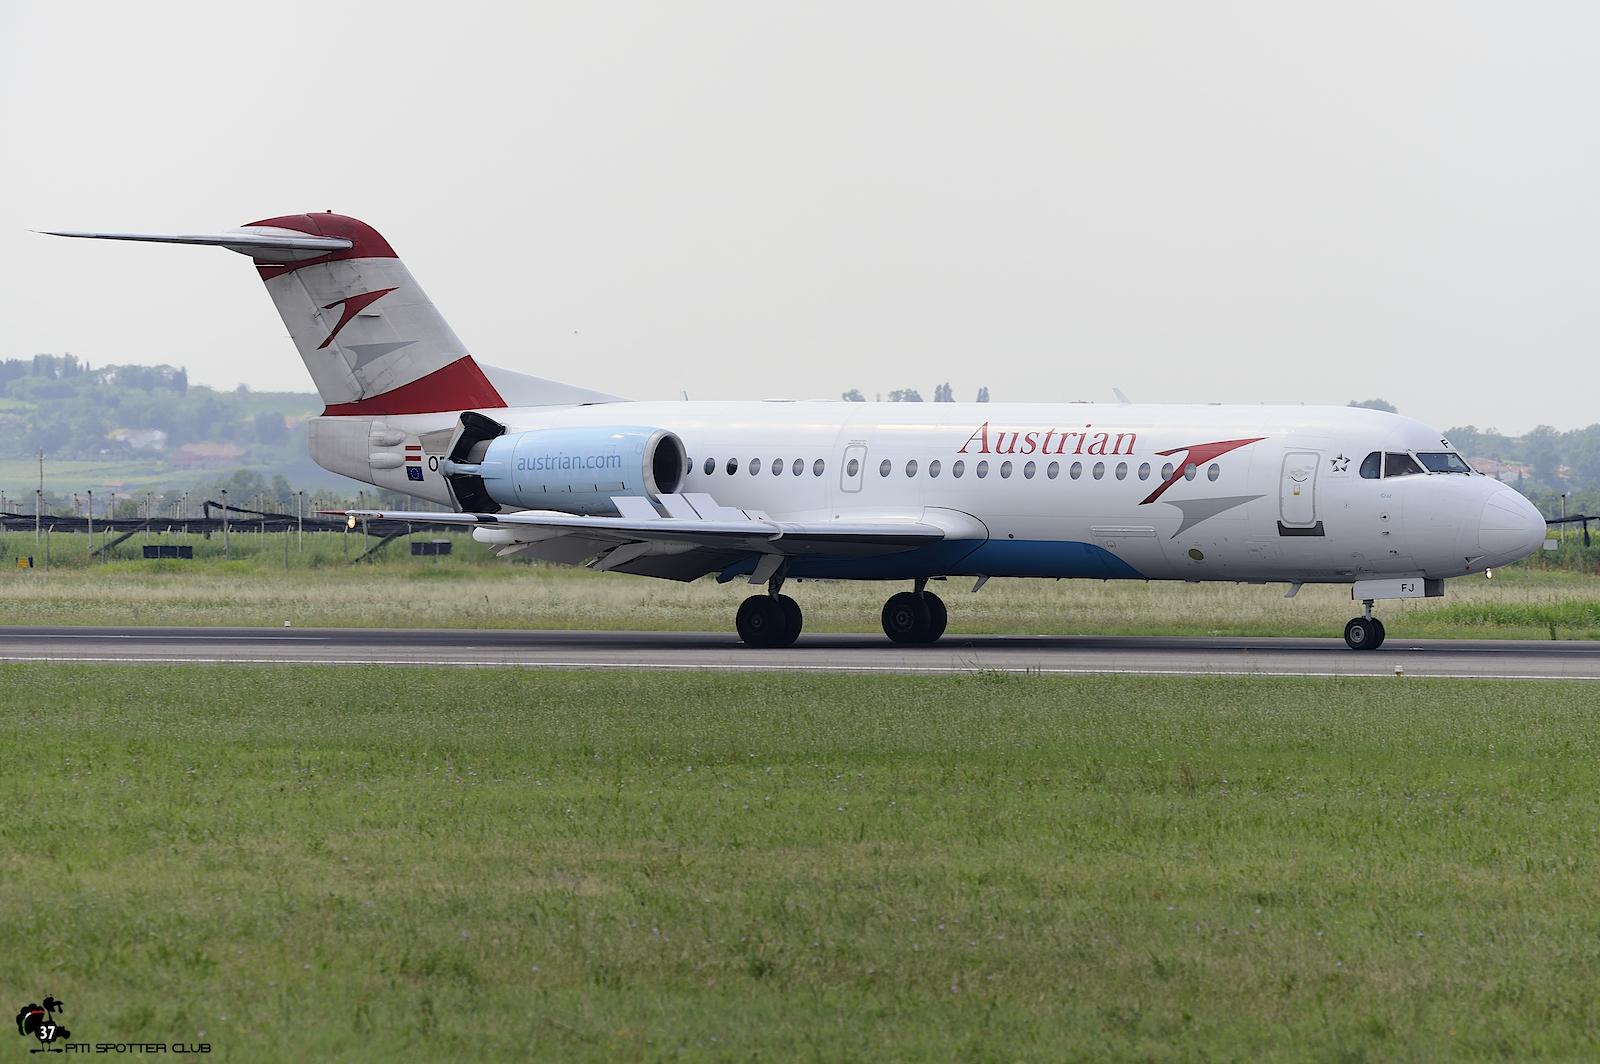 OE-LFJ Fokker 70 11532 Austrian Airlines